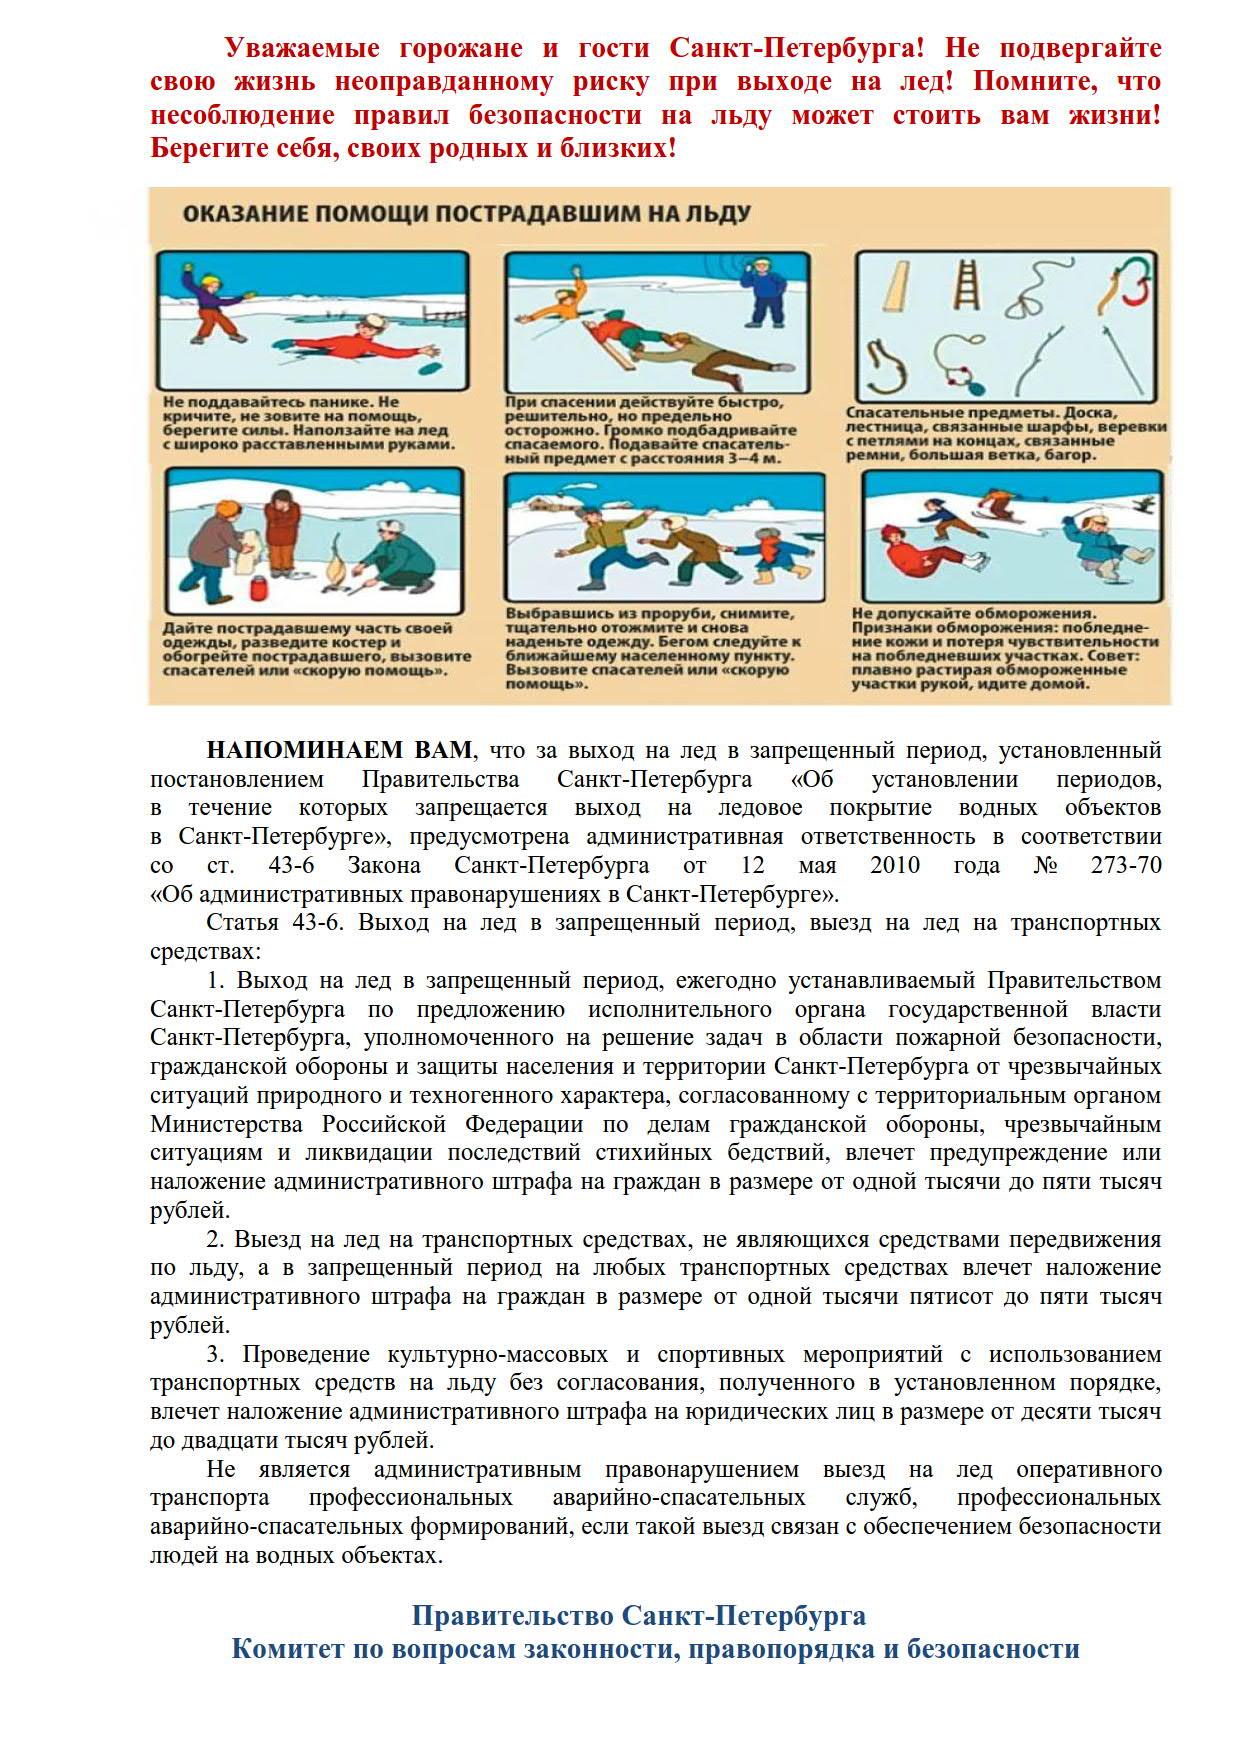 Памятка-о-запрете-выхода-на-лёд-в-установленные-постановлением-Правительства-Санкт-Петербурга-от-14.11.2019-793-периоды_2